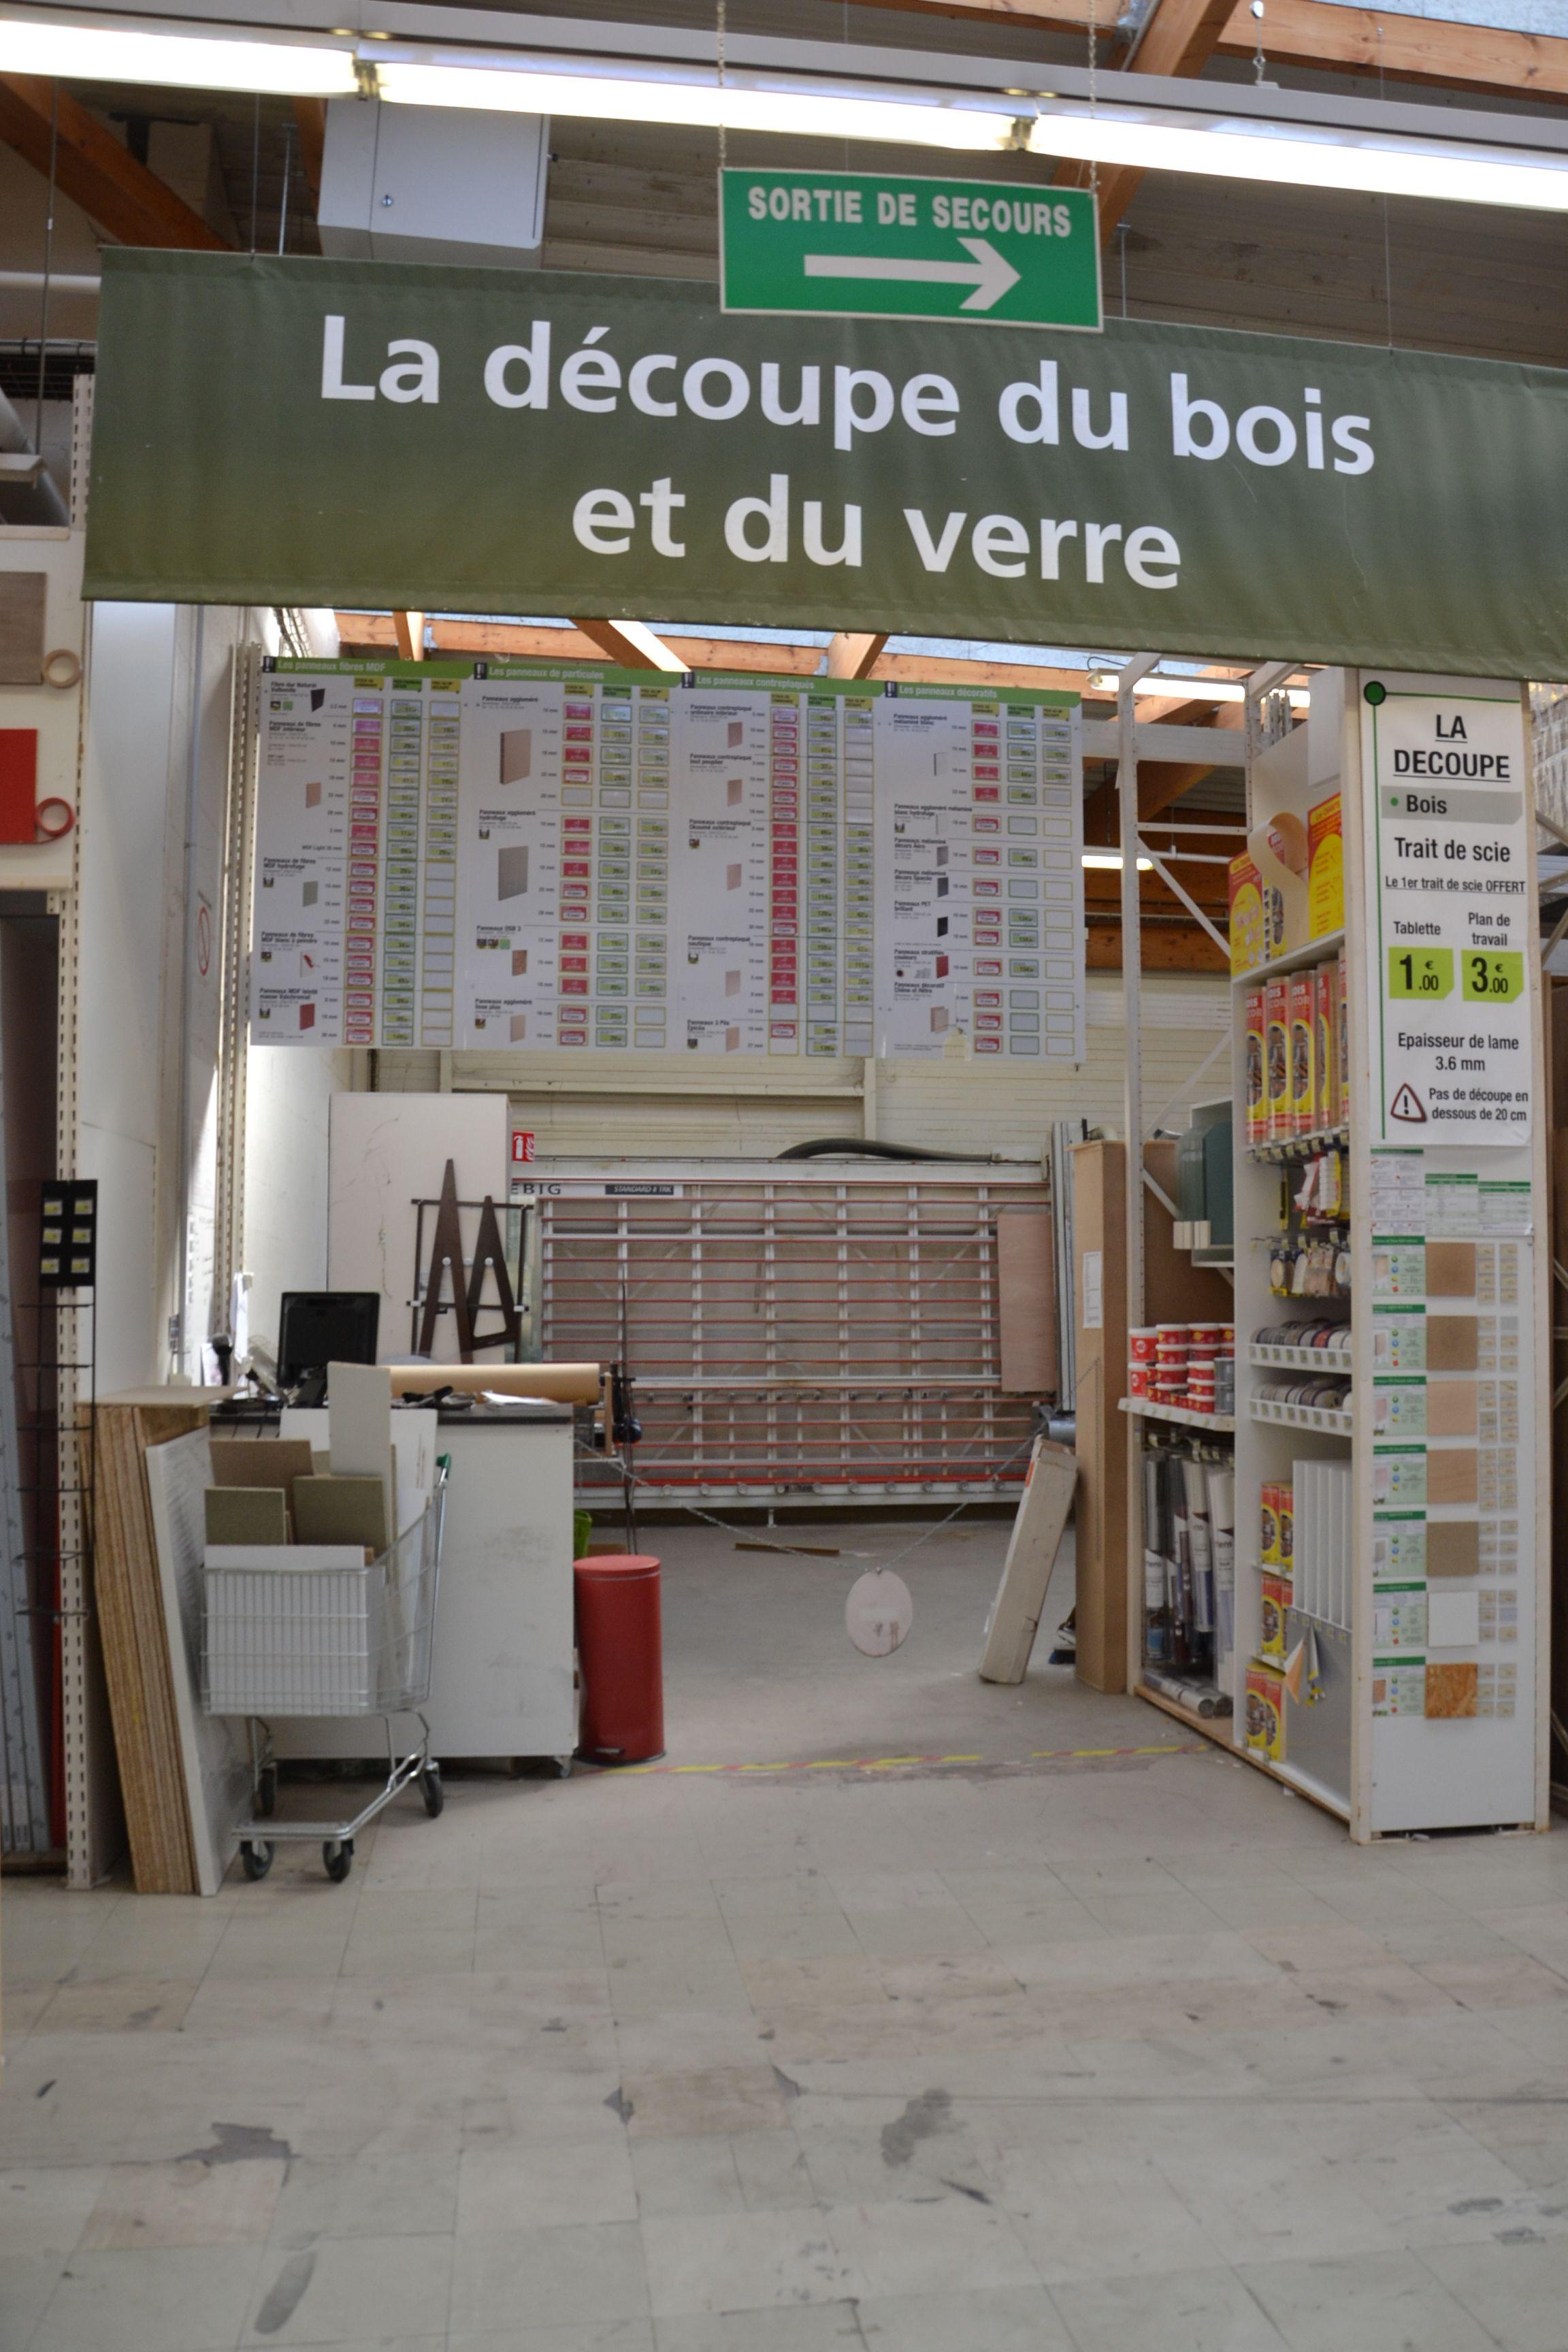 Service Decoupedeboisetduverre Bois Verre Decoupe Equipe Magasin Leroymerlintrignac Trignac Loireatlantique Bricolage Cata Decoupe Bois Maison Bois